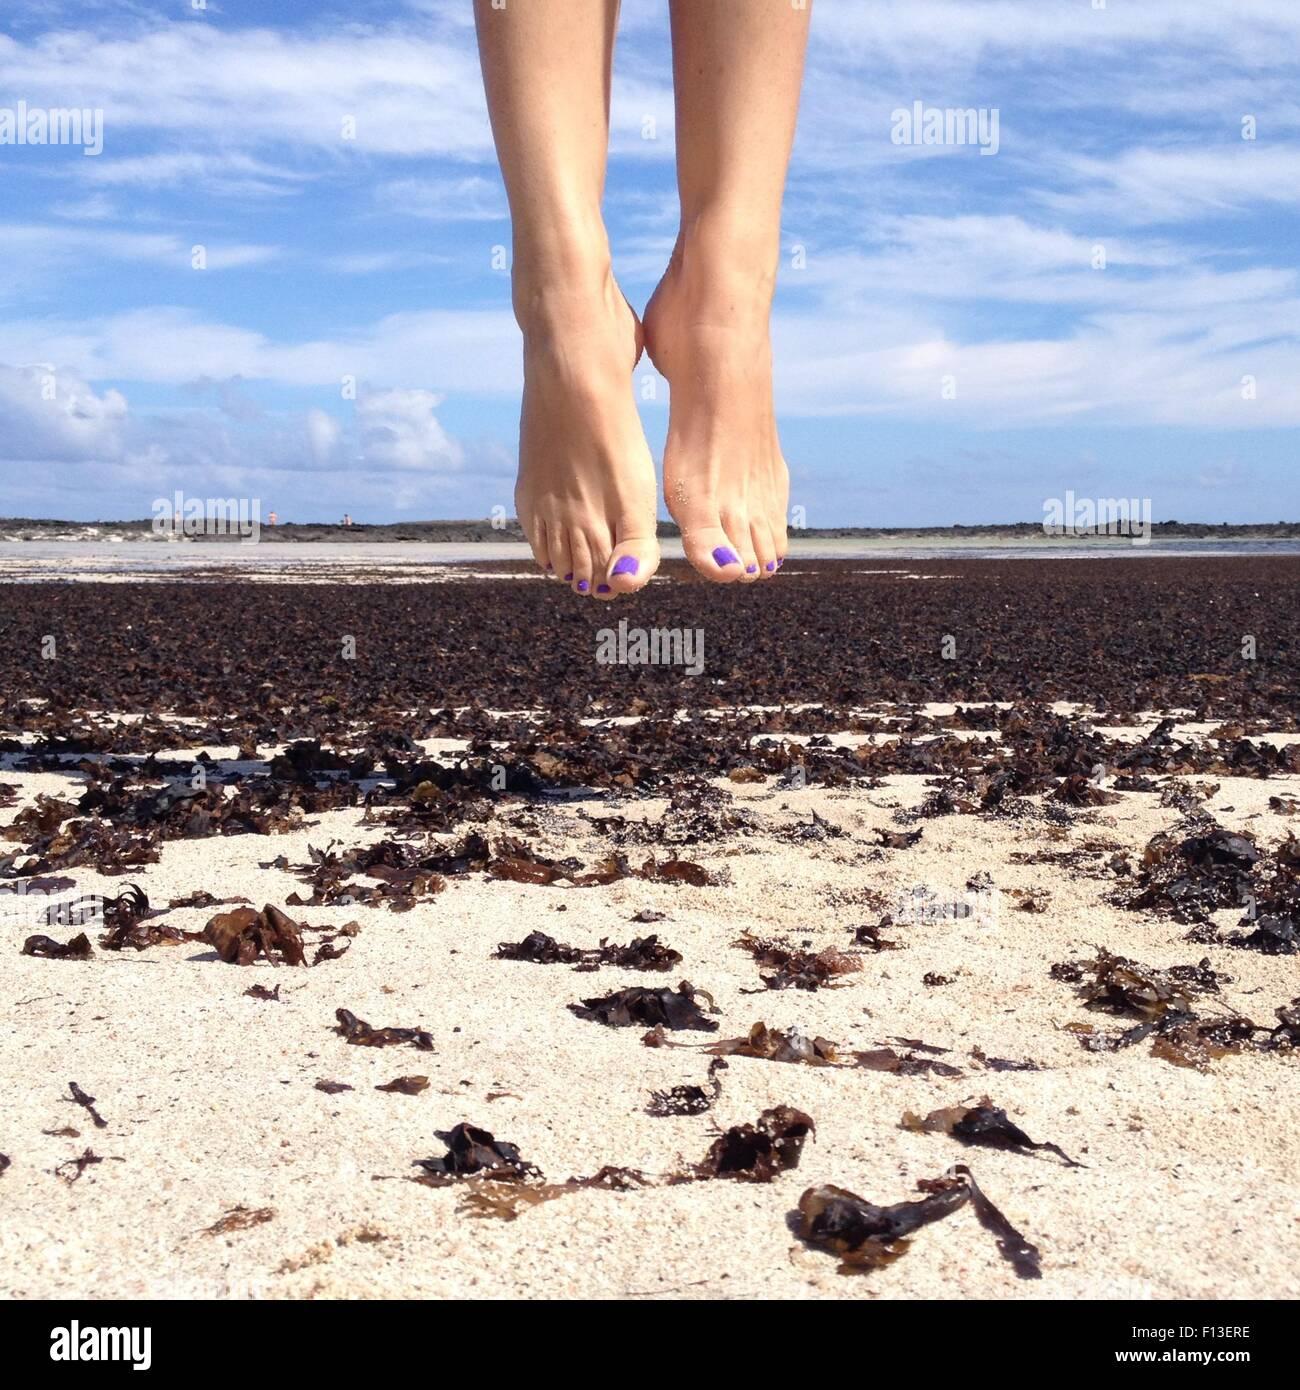 Derechos de pies en el aire. Imagen De Stock